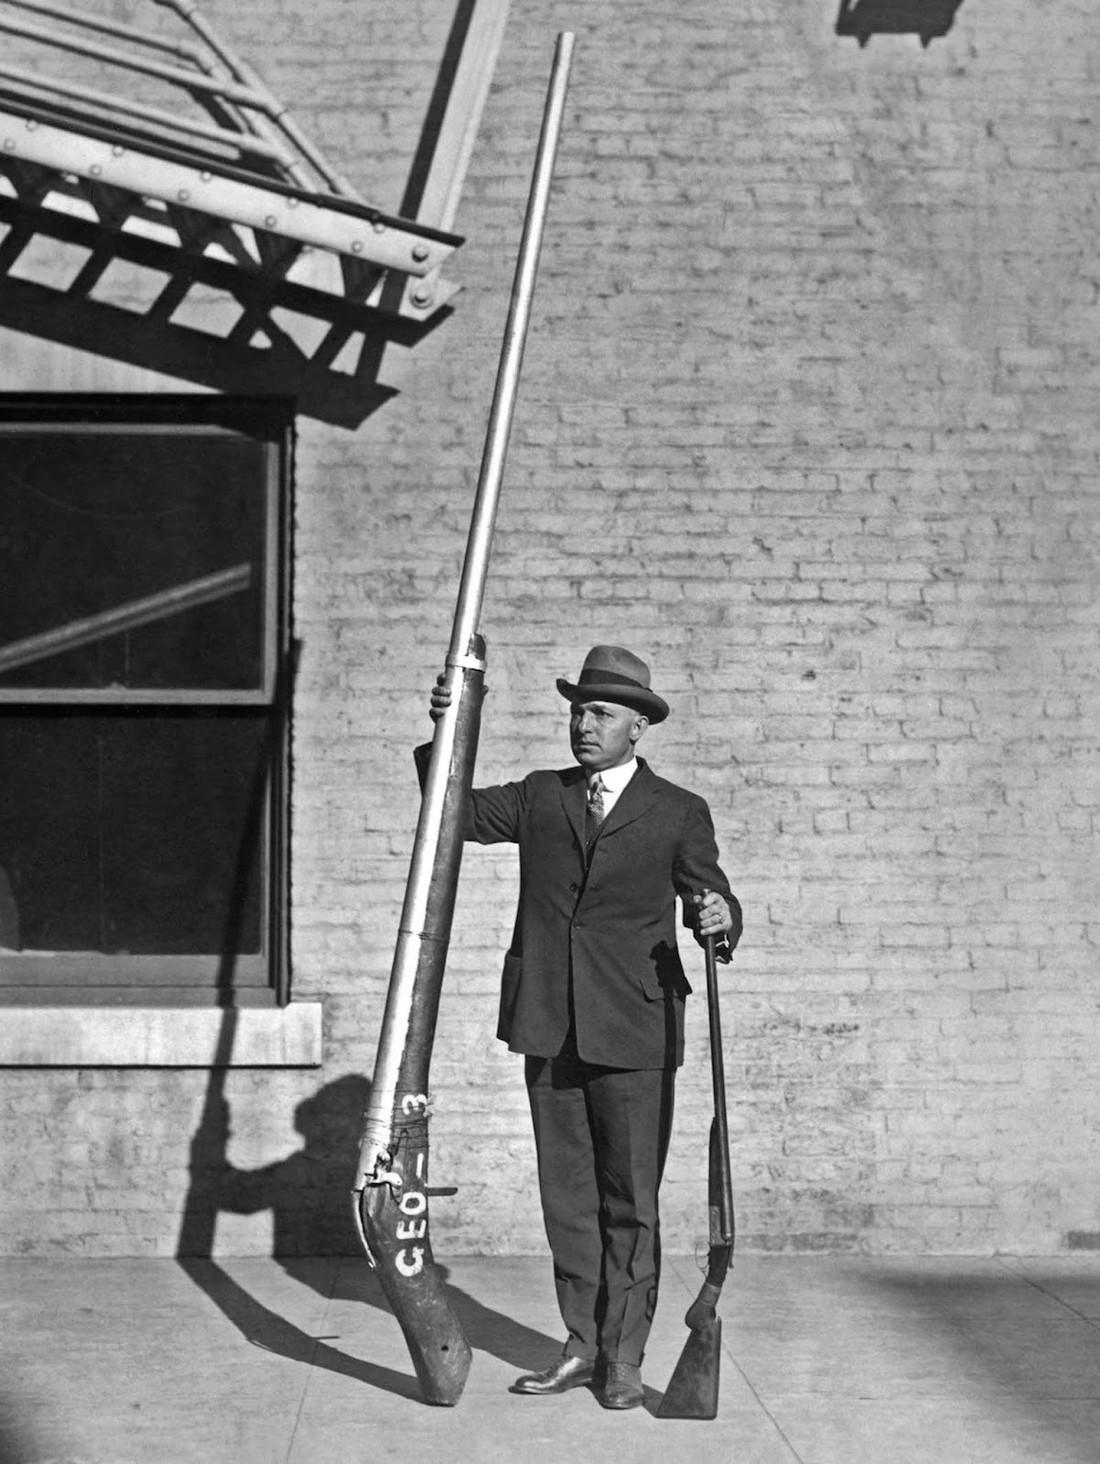 История знаменитых фото. Самое большое в мире ружье и 4 мегабайта весом в тонну